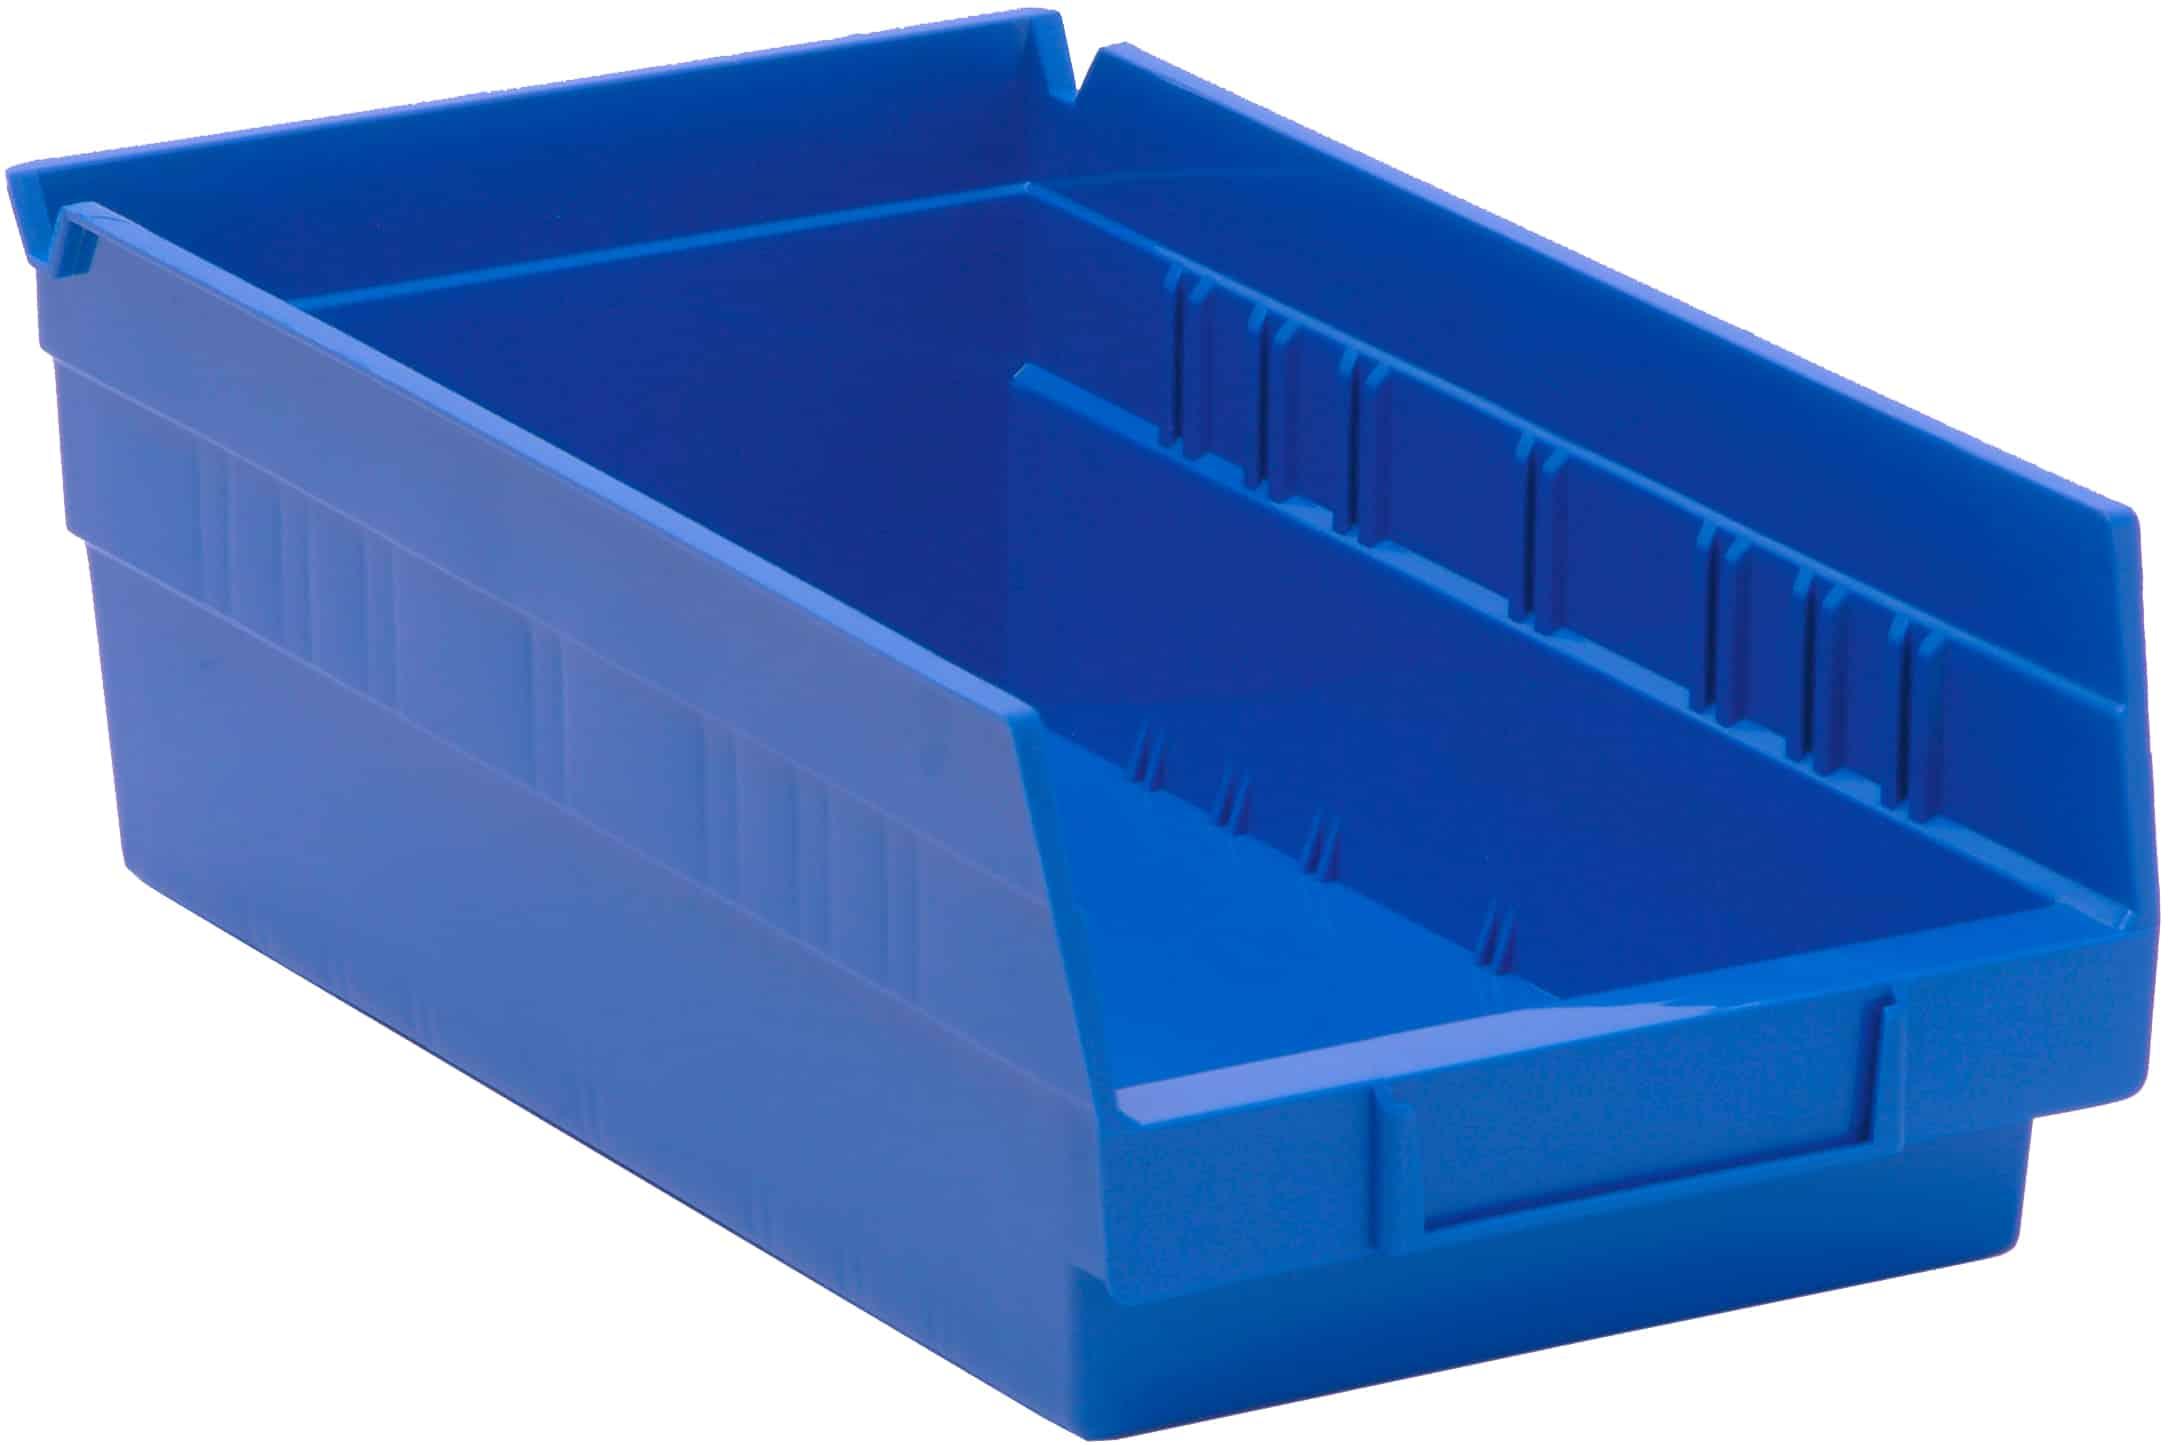 Standard-Duty-Shelf-Bin-BL